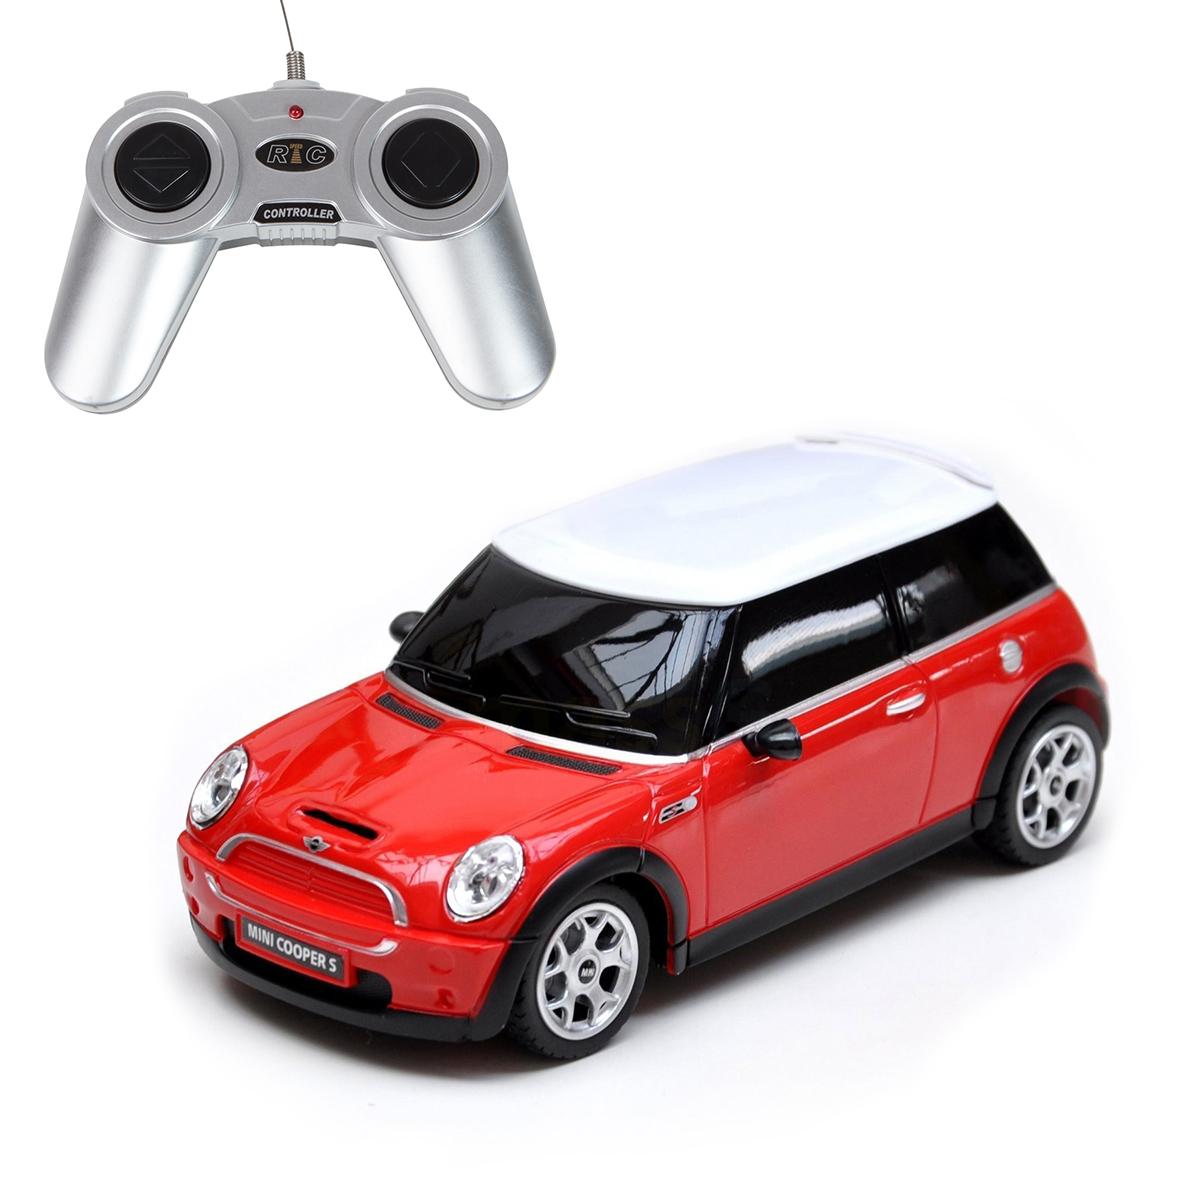 masina cu telecomanda rastar mini cooper s 1:18